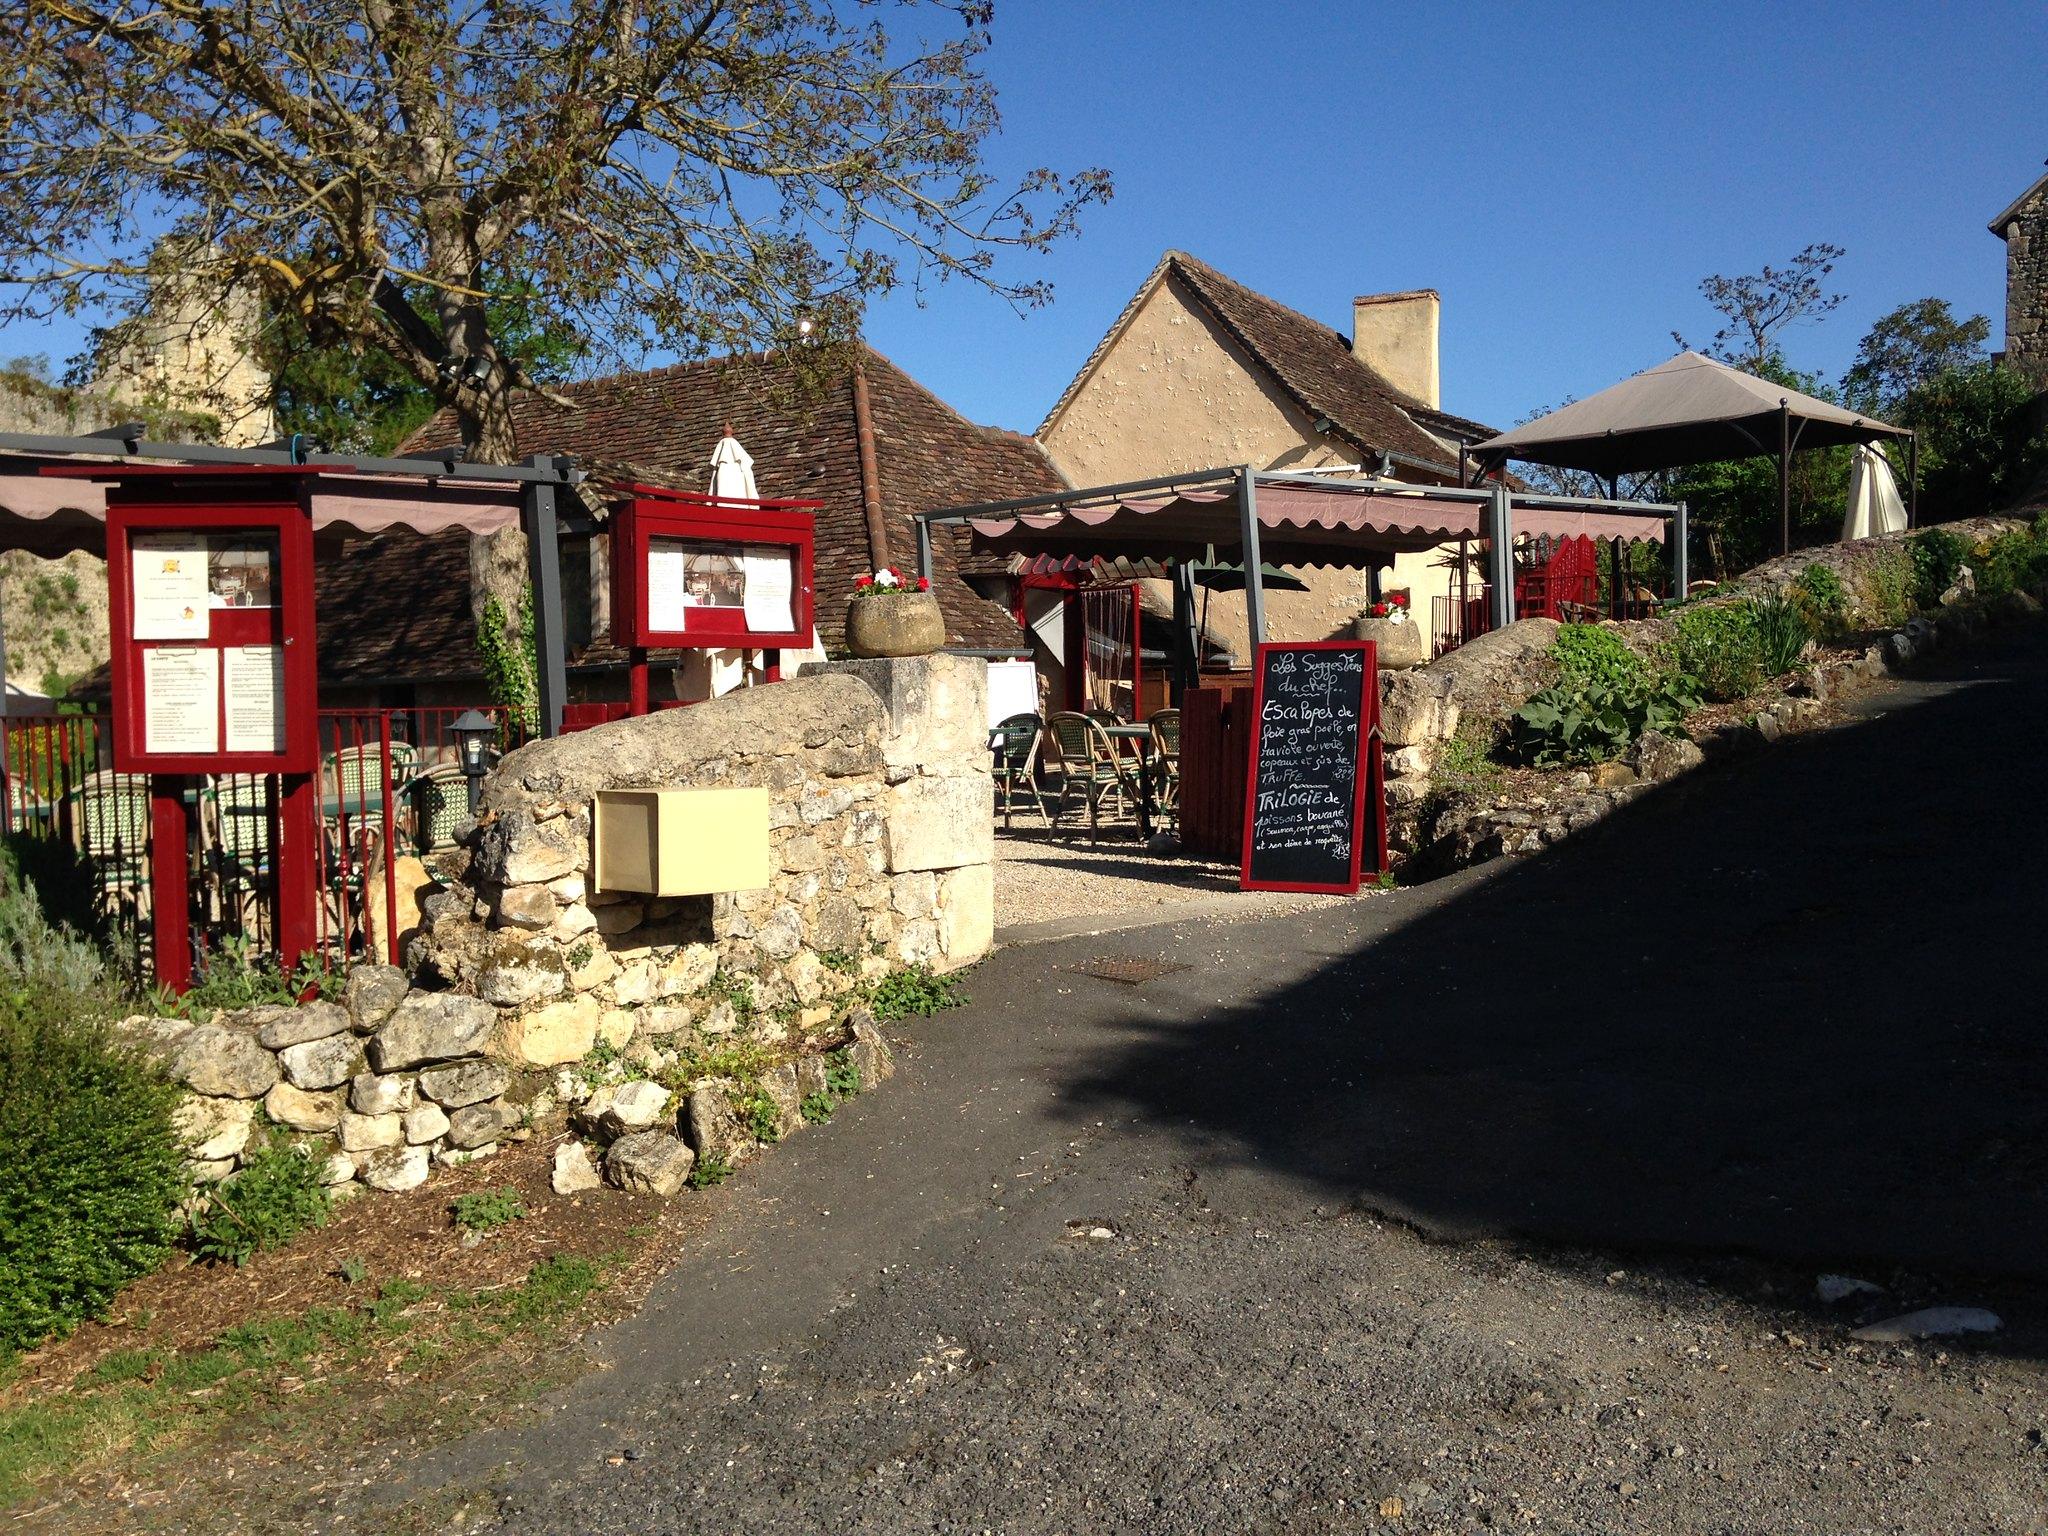 Office de tourisme angles flickr - Office de tourisme angles sur l anglin ...